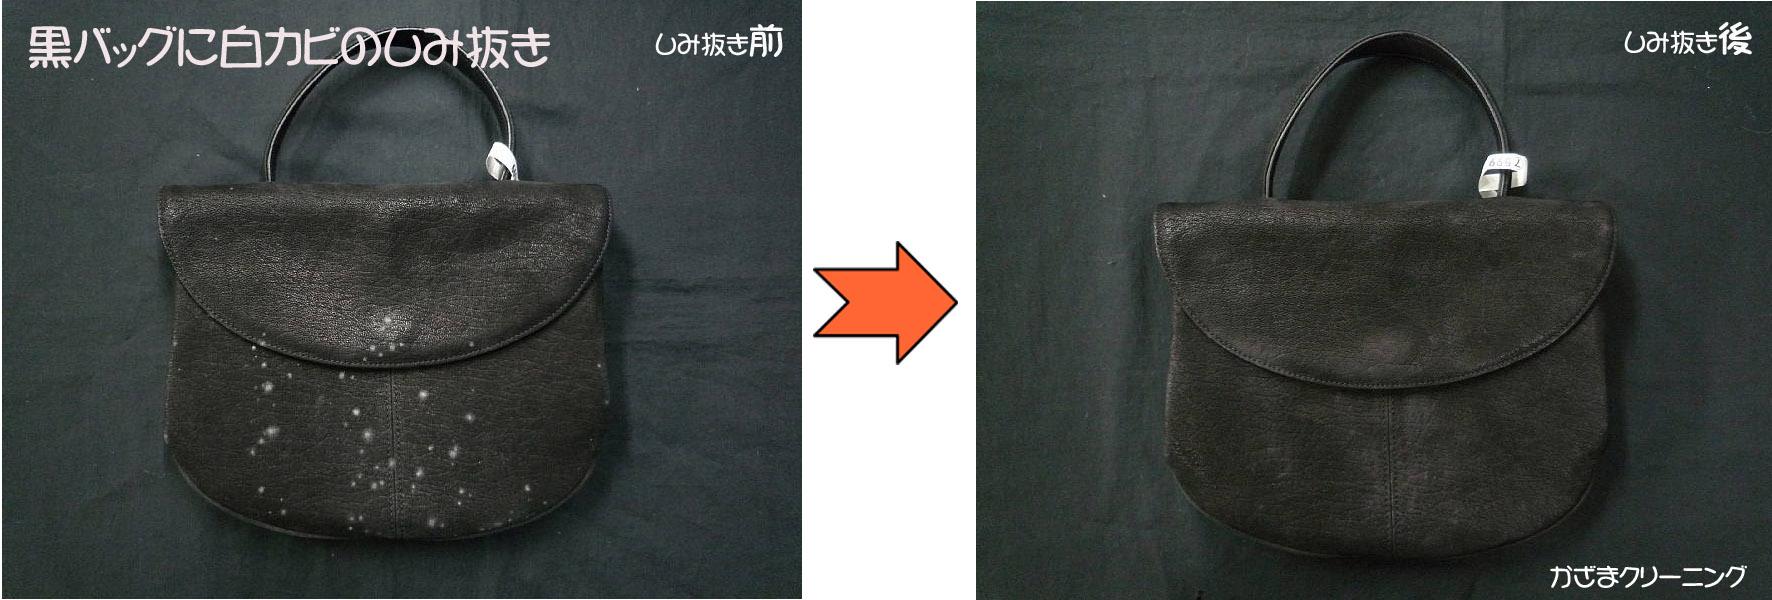 黒バッグに発生した白カビの染み抜き